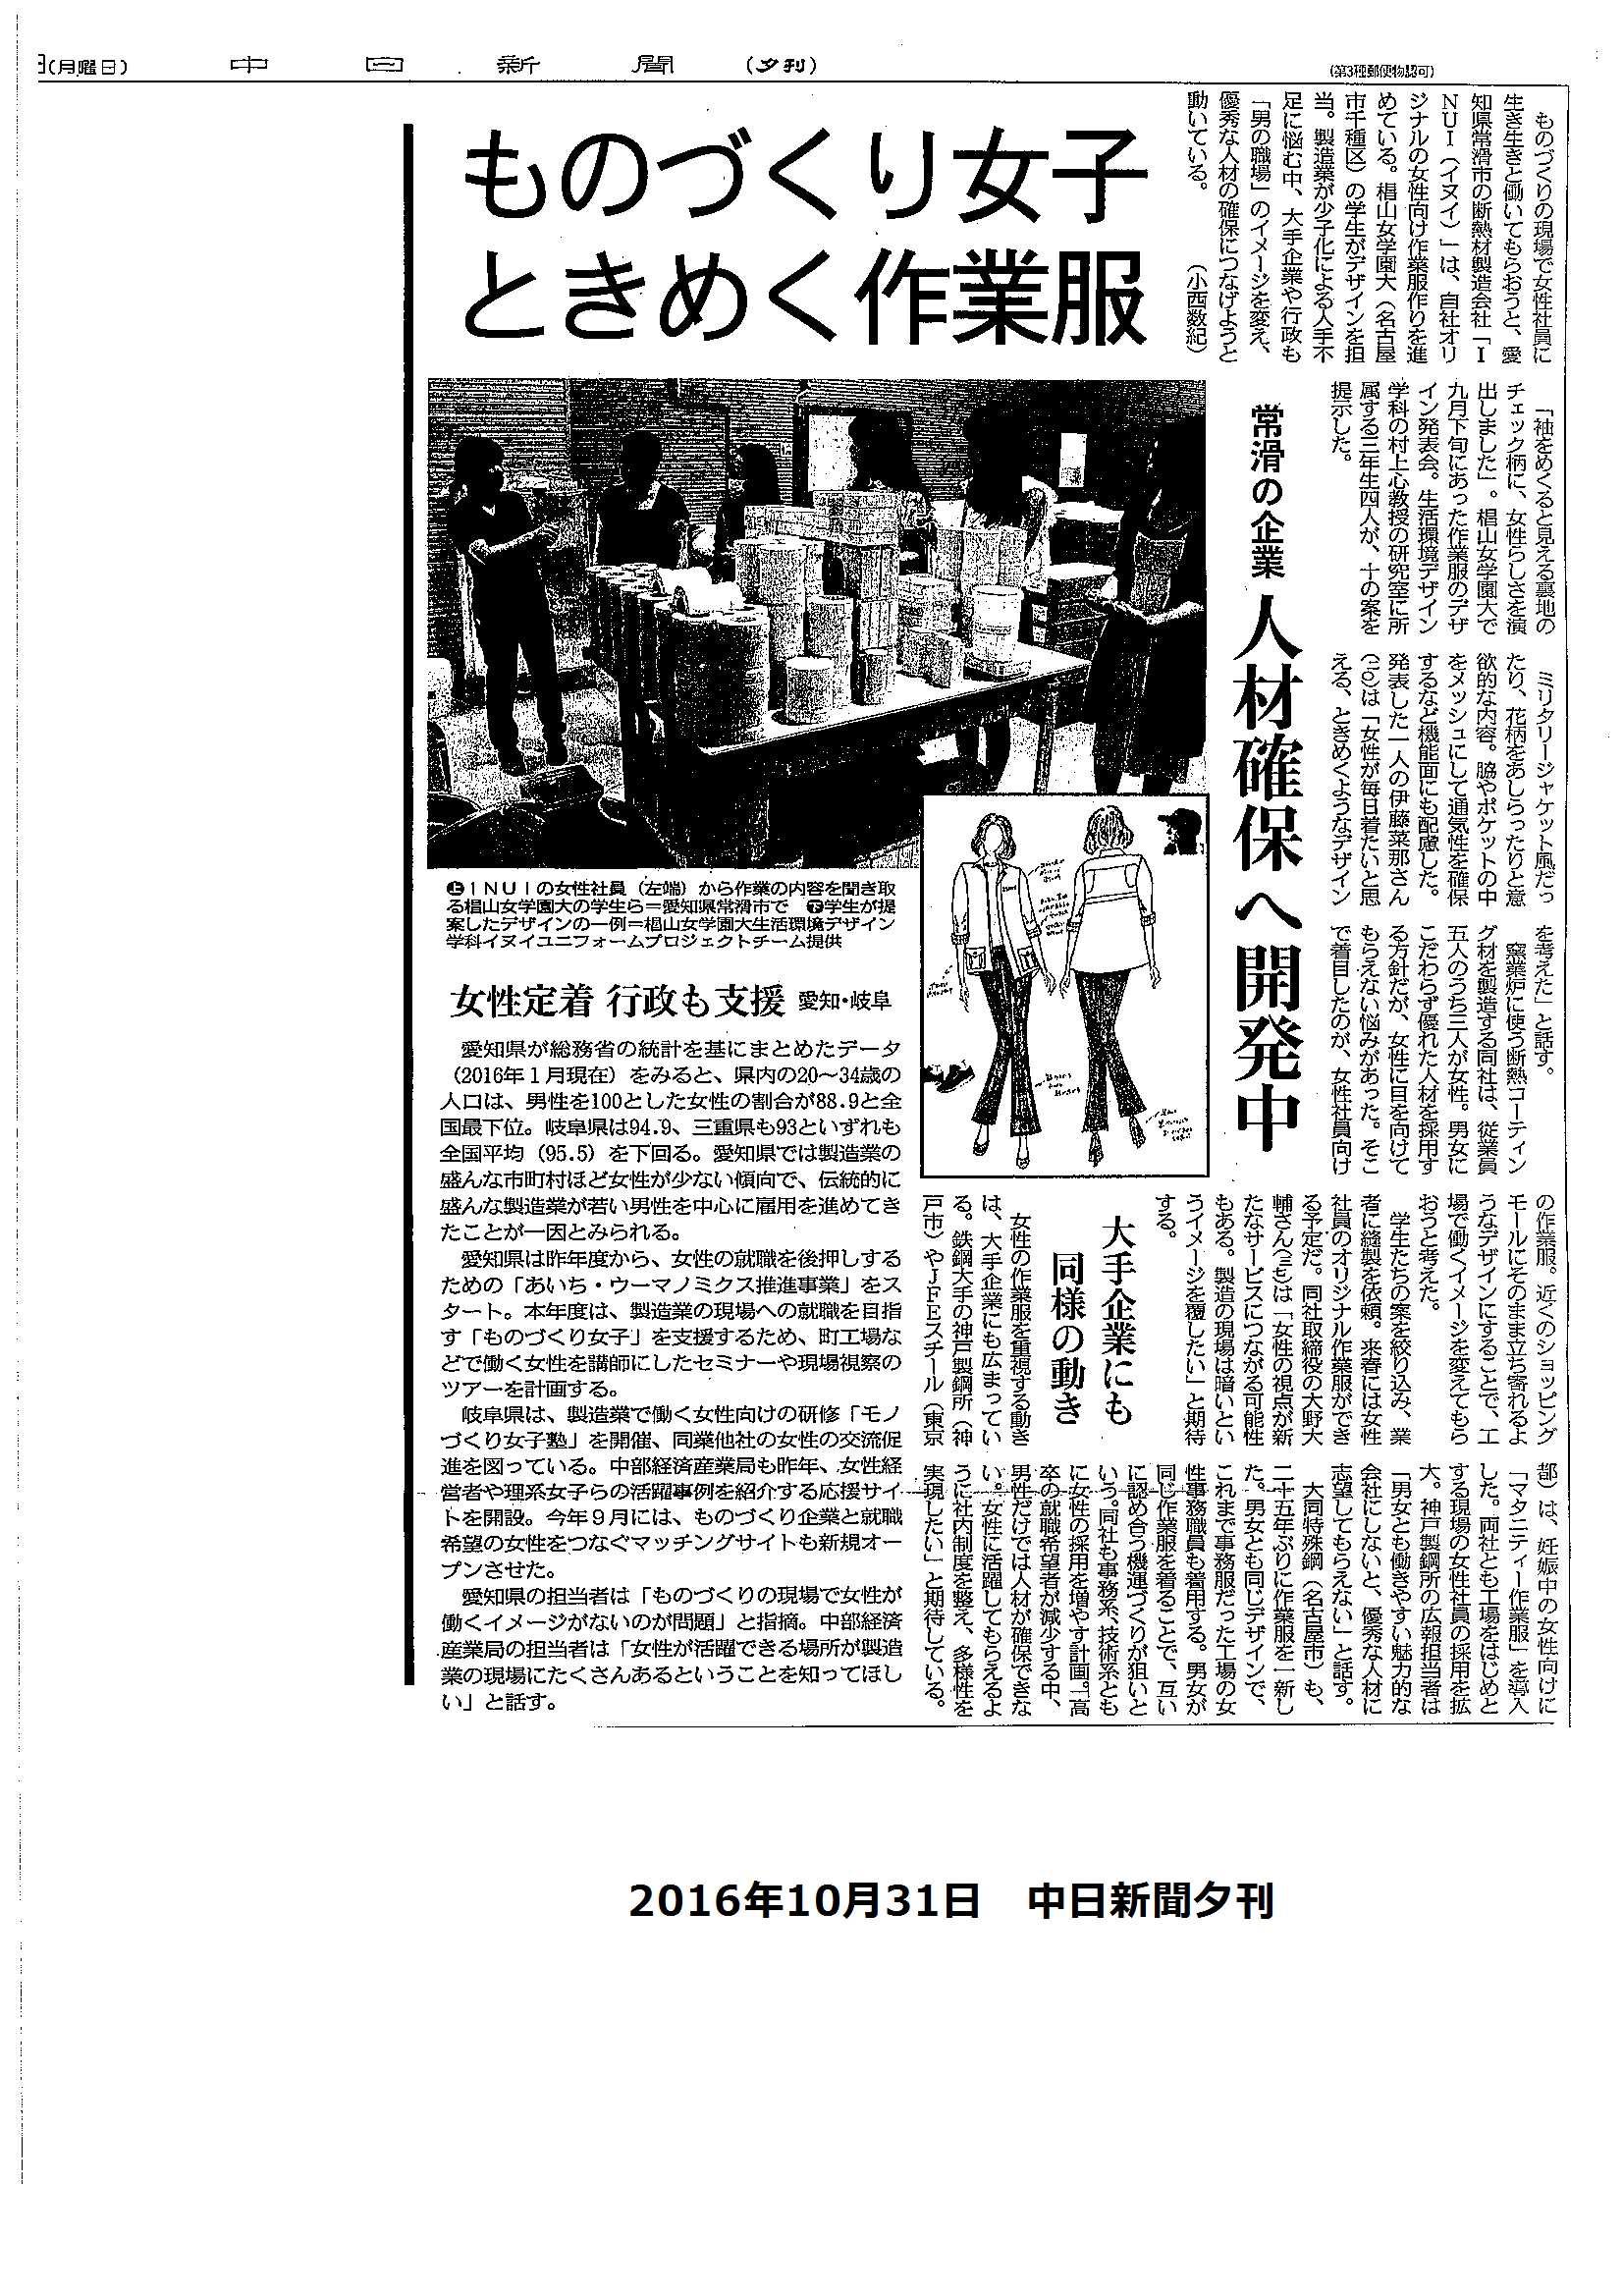 中日新聞作業服